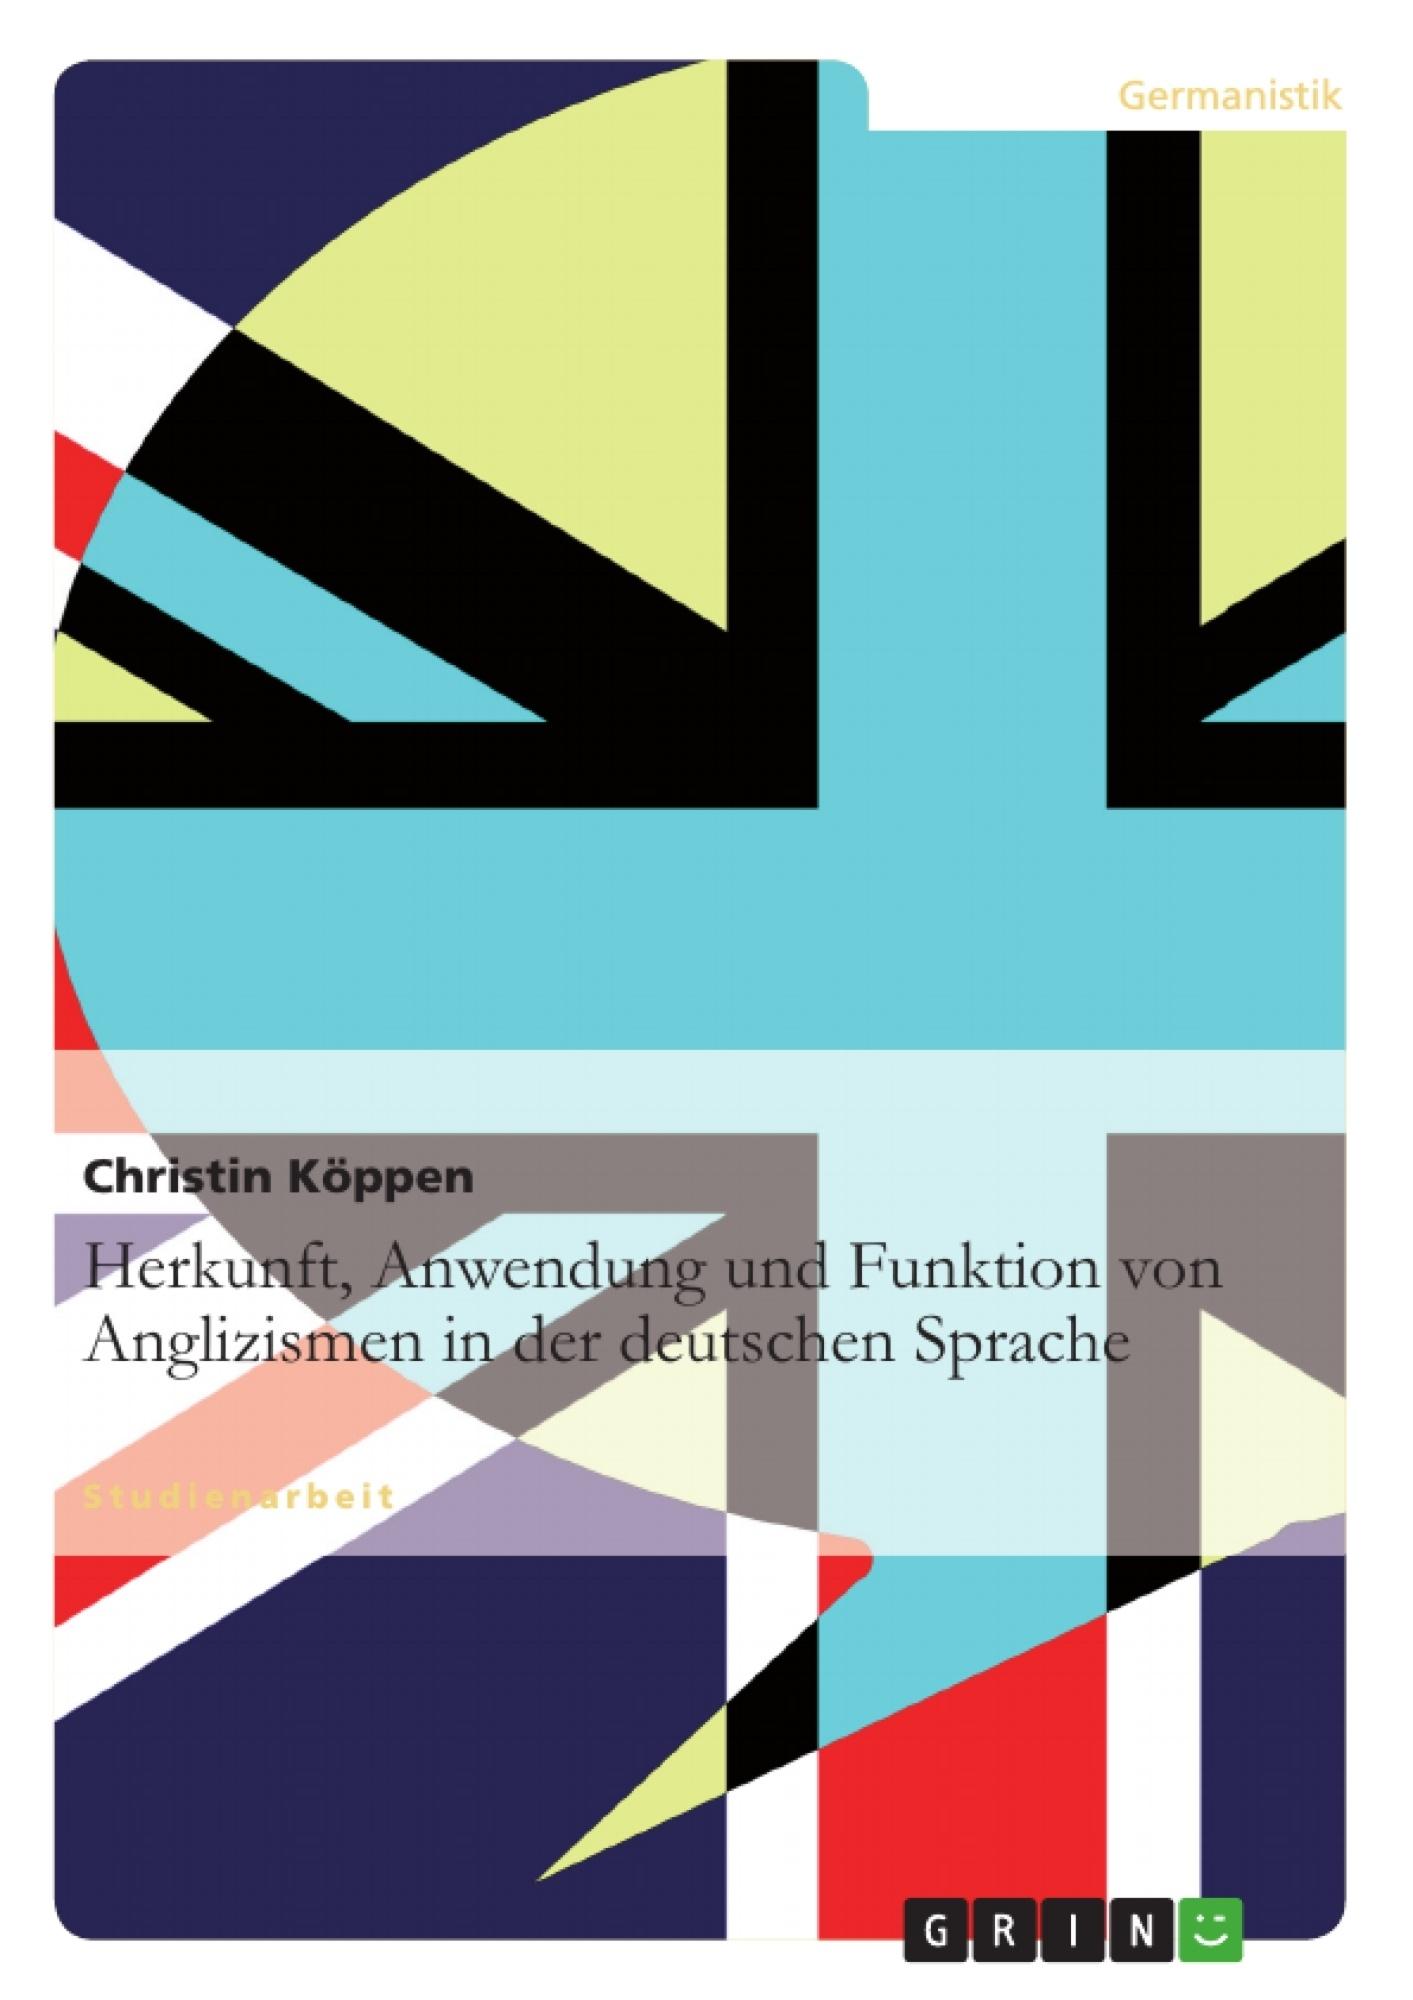 Titel: Herkunft, Anwendung und Funktion von Anglizismen in der deutschen Sprache